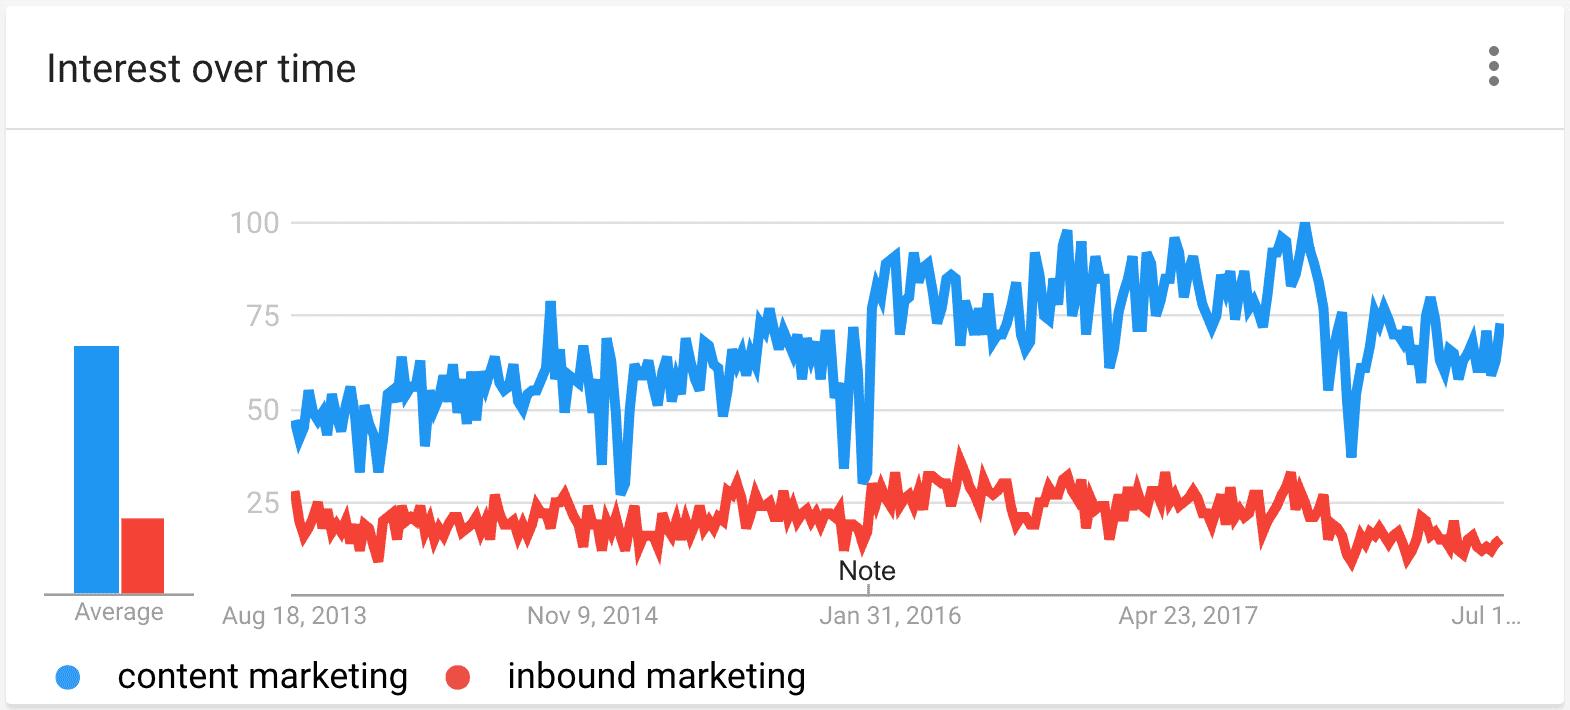 מגמות של גוגל - עניין לאורך זמן - השוואה